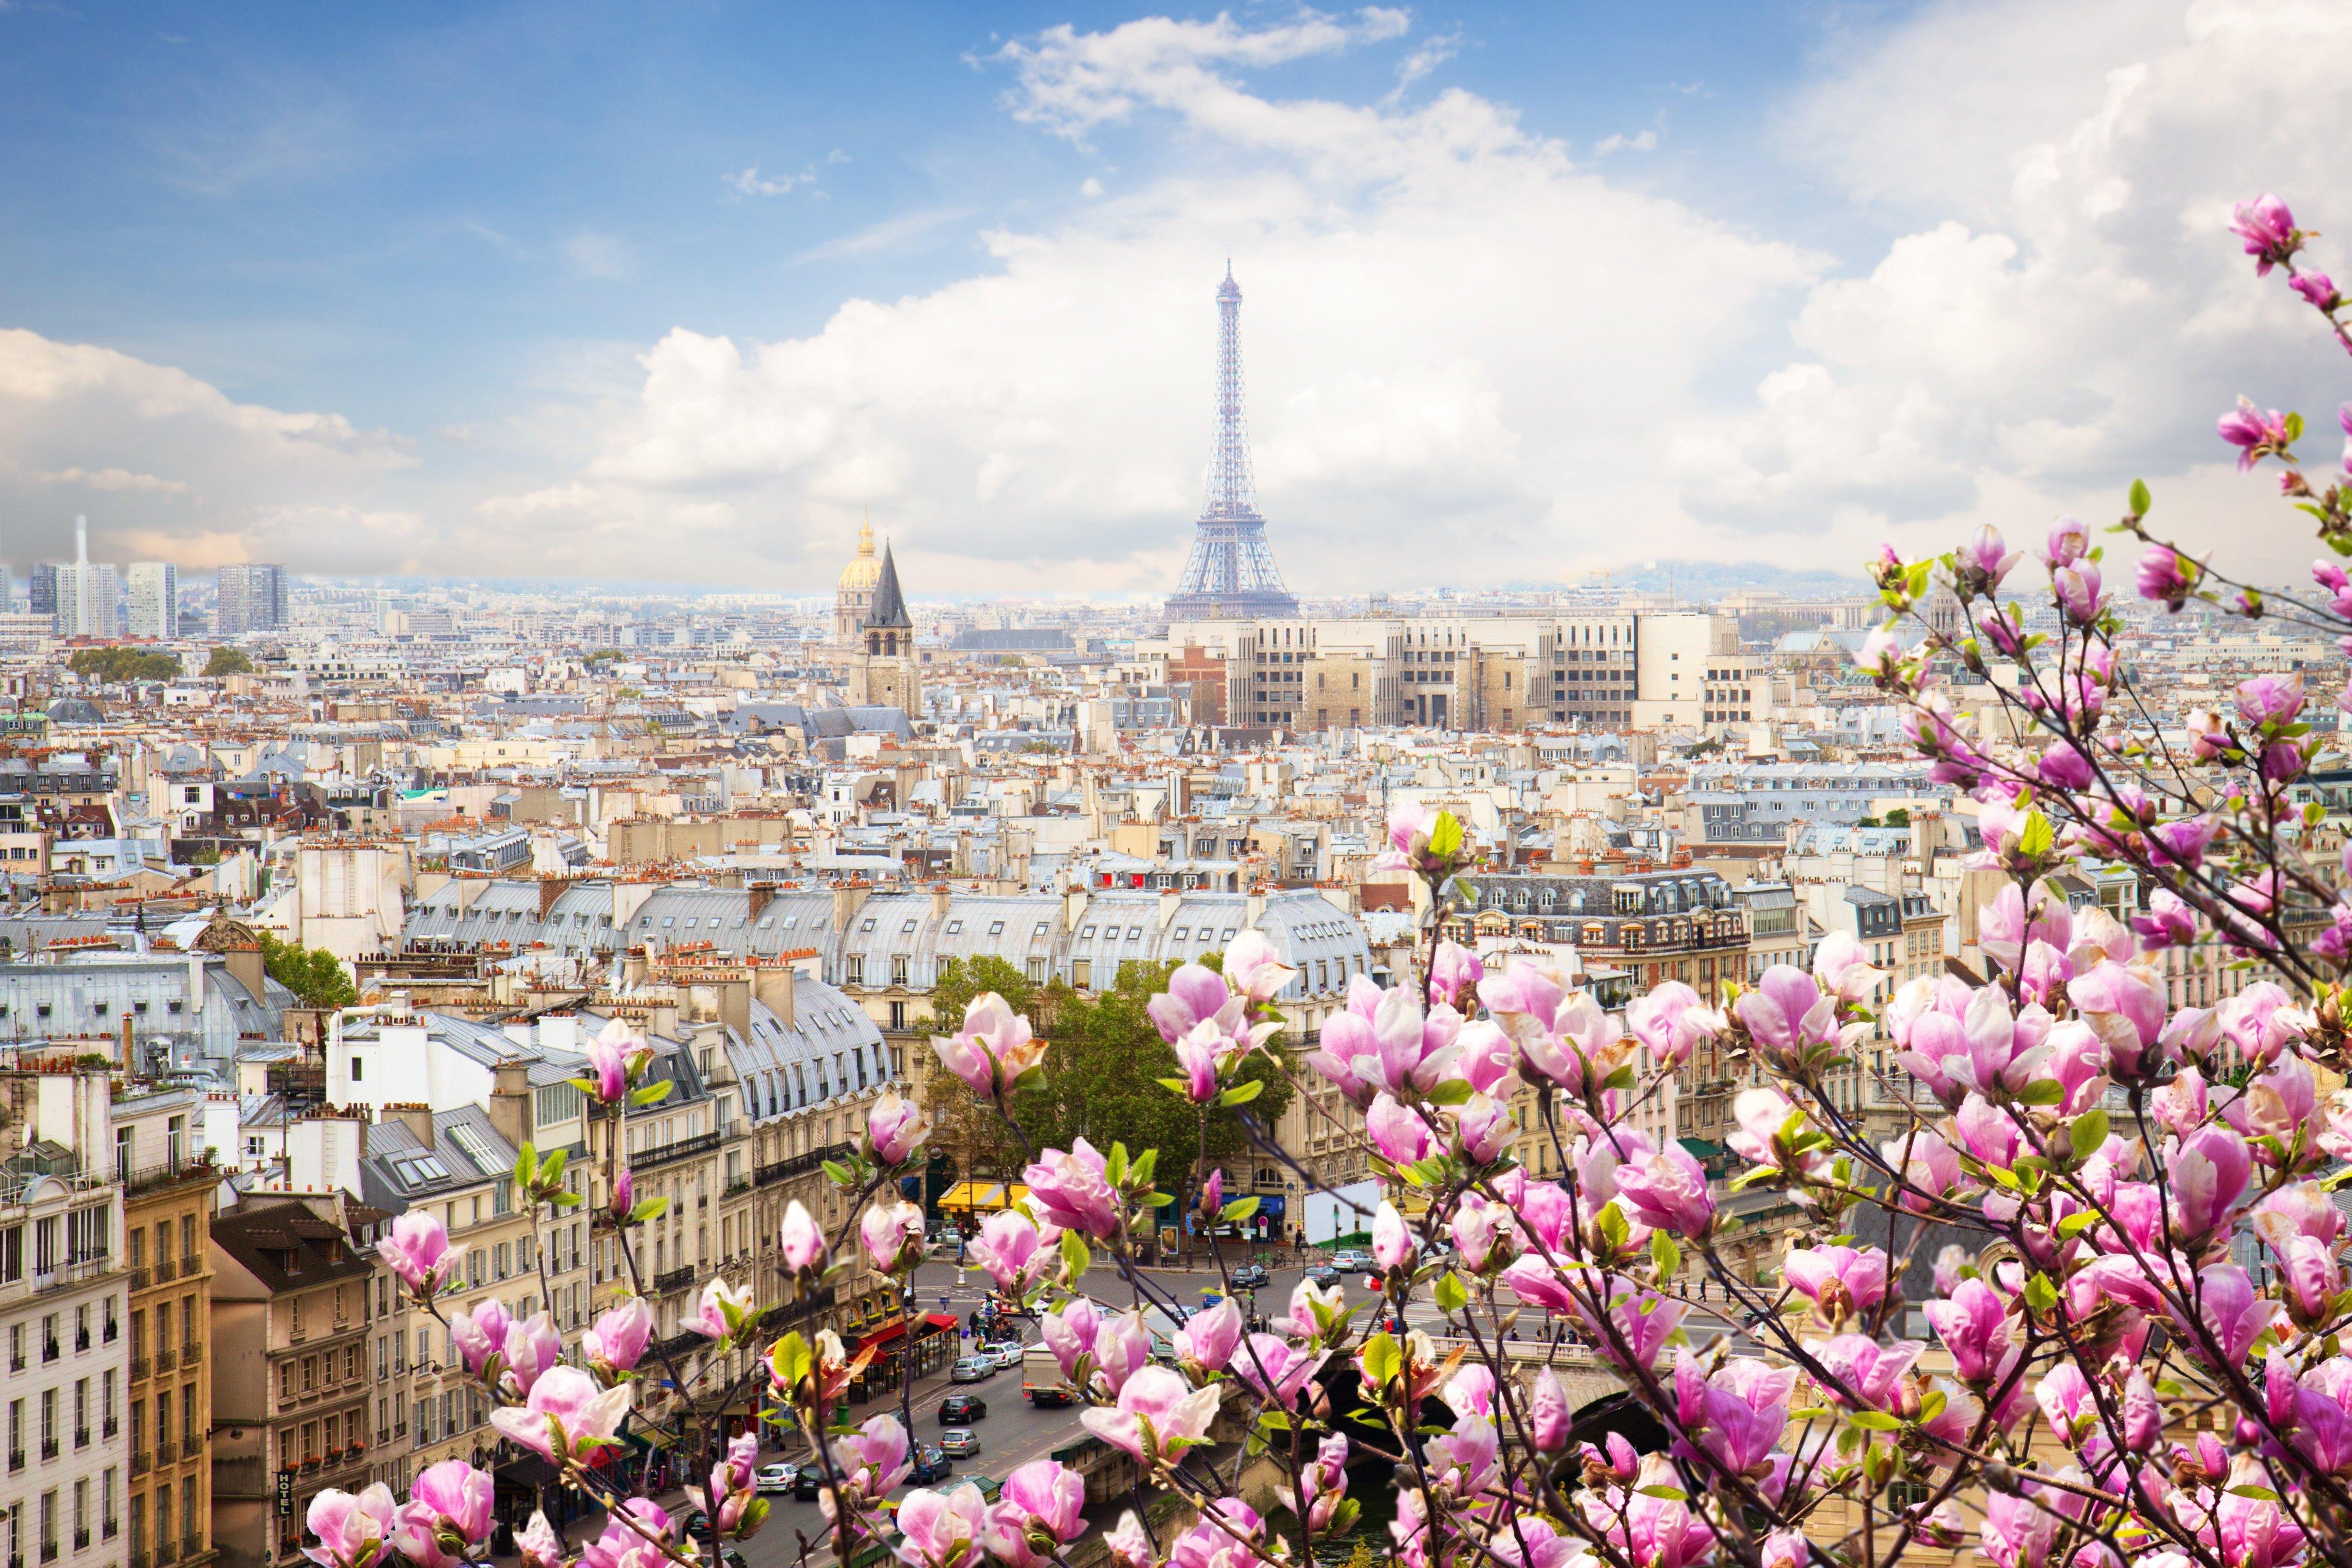 Fondos de pantalla Paisaje de Paris con flores